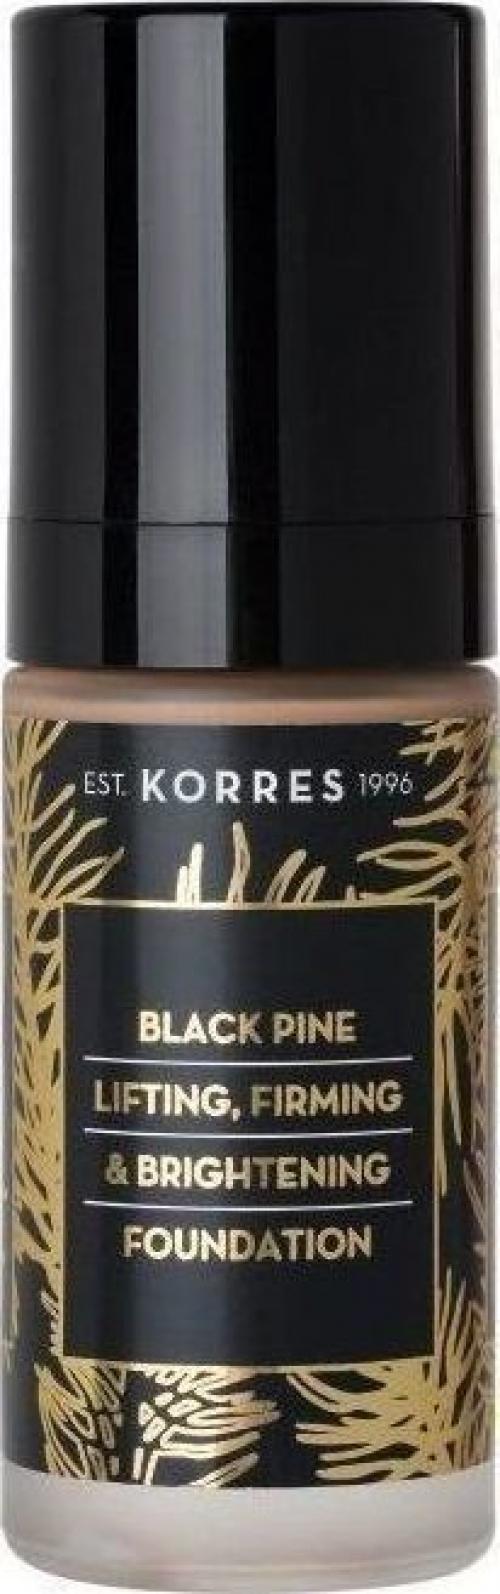 Μαύρη Πεύκη Υγρό make- up Black Pine Lifting, Firming & Brightening Foundation BPF2 30ml